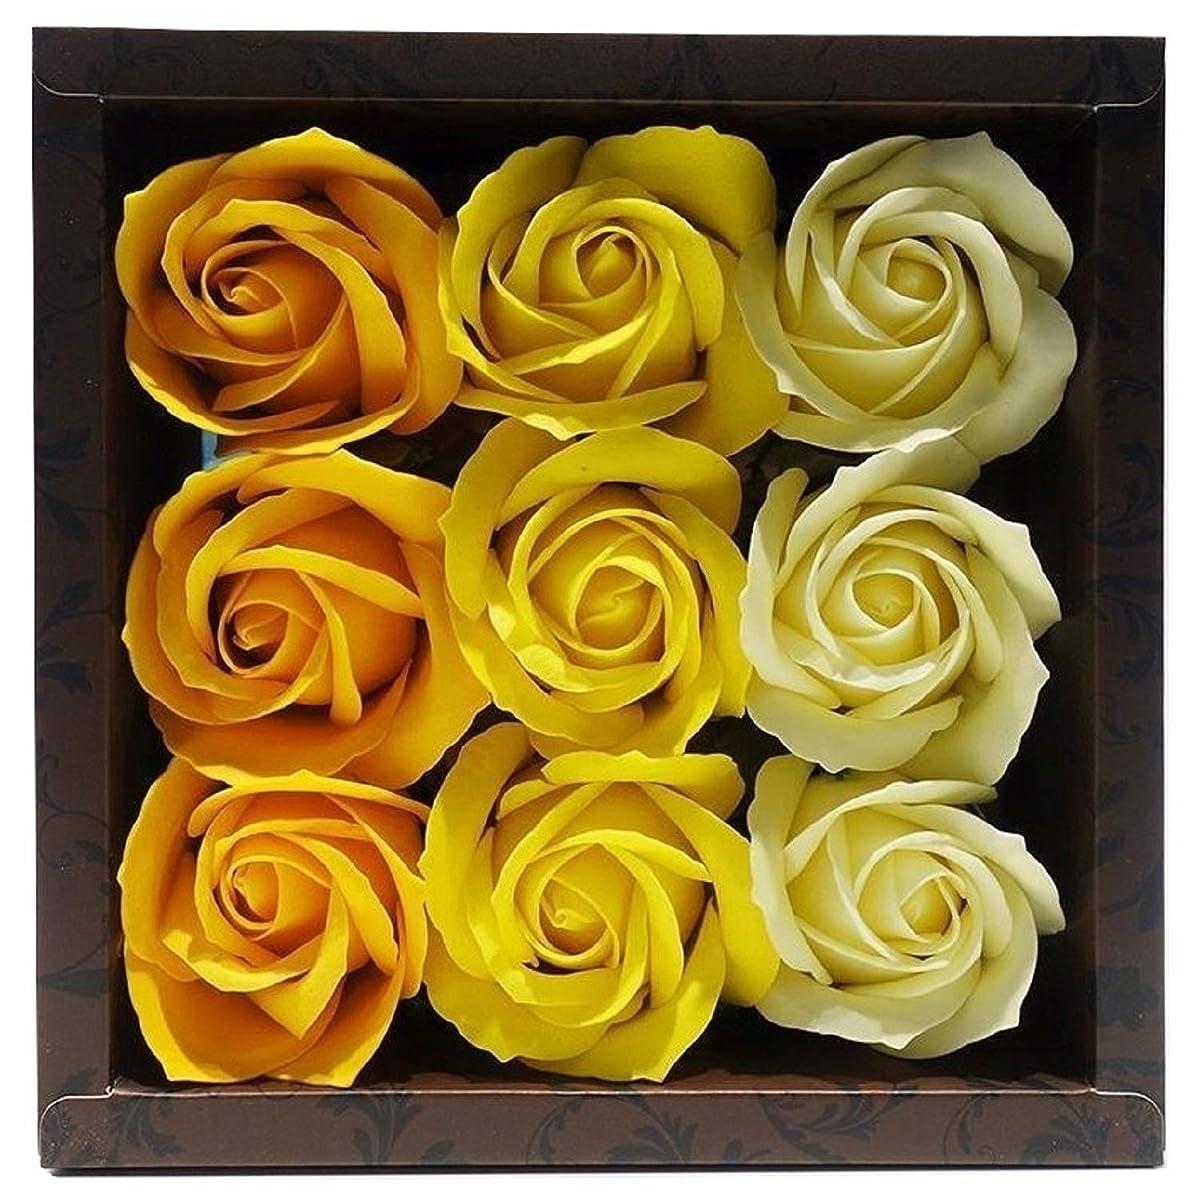 フルート爵症候群バスフレグランス バスフラワー ローズフレグランス イエローカラー ギフト お花の形の入浴剤